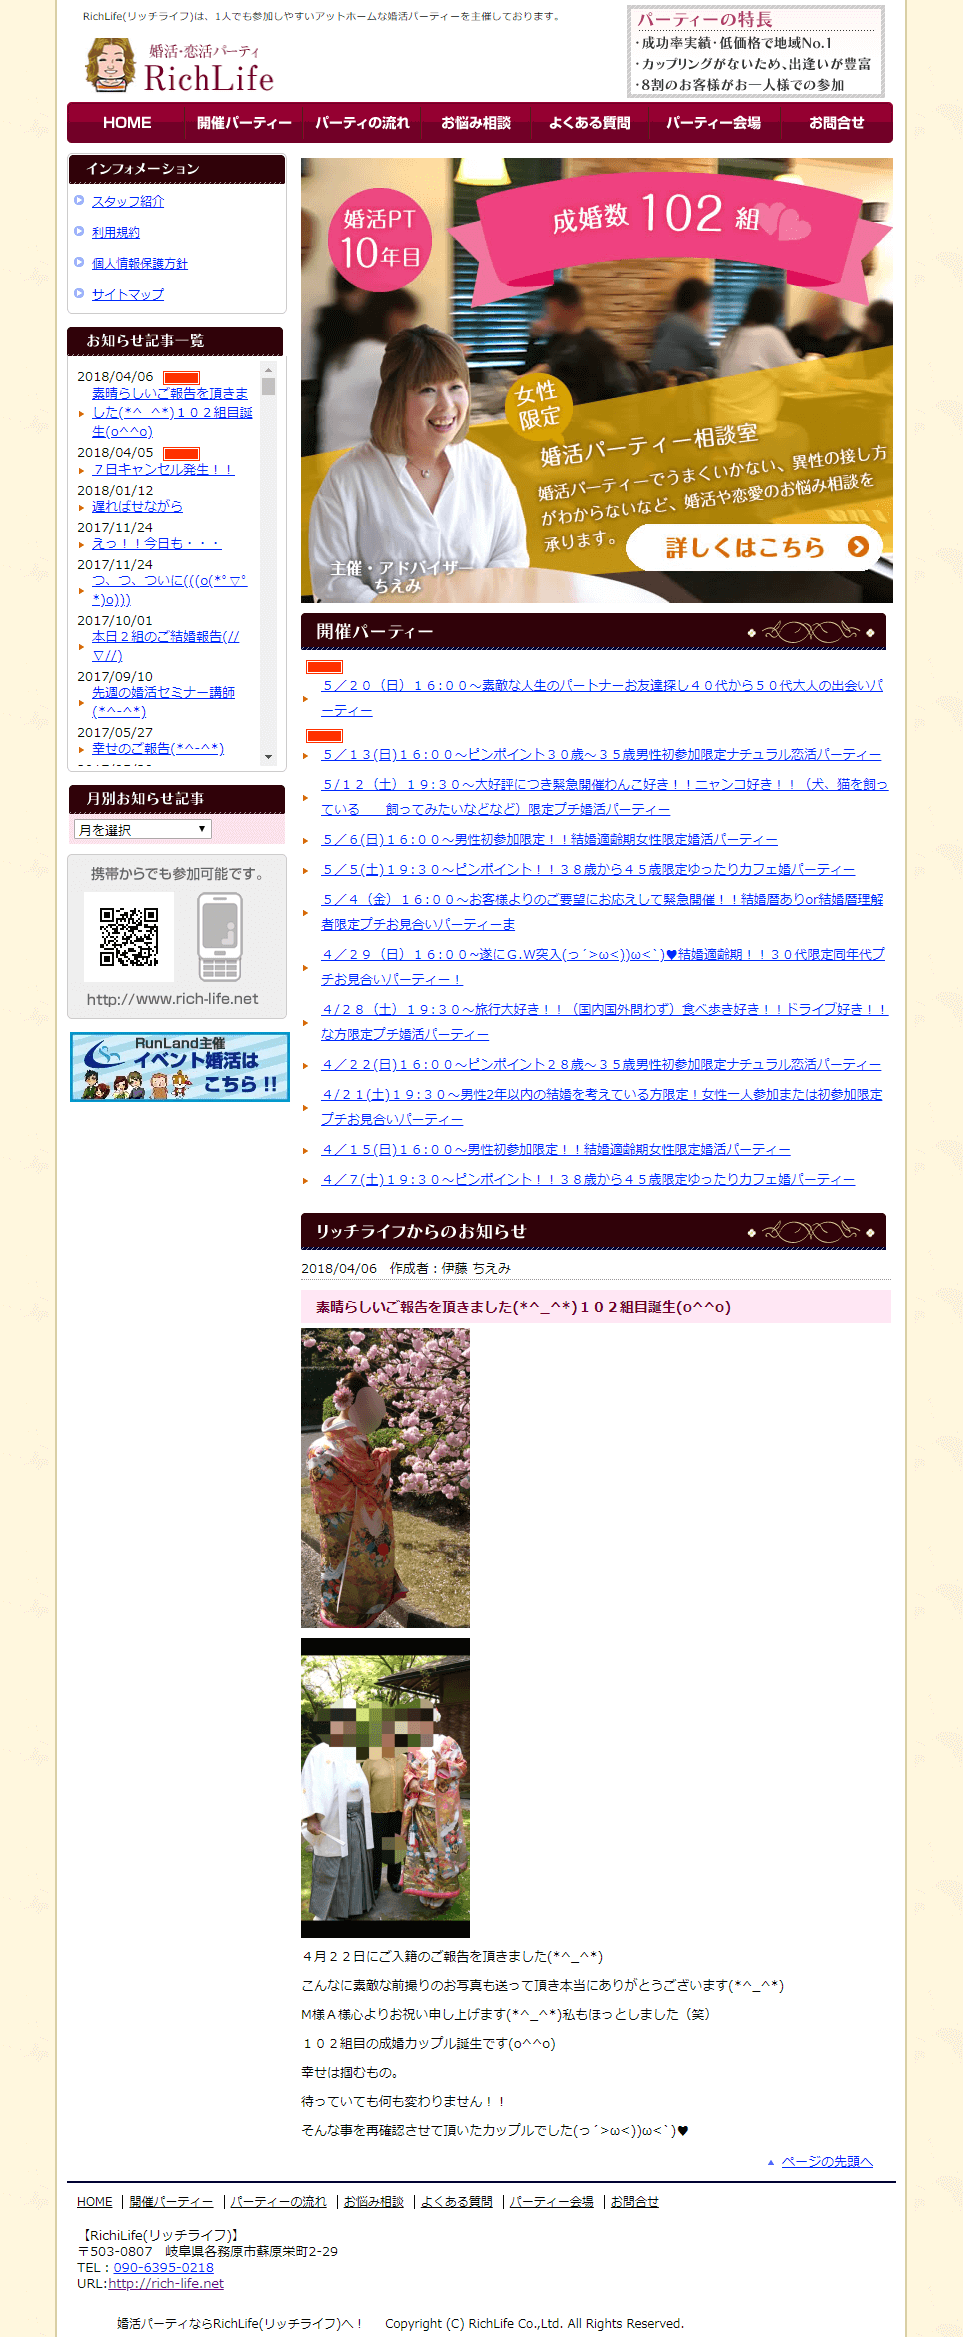 外注・下請けホームページ制作実績イメージ